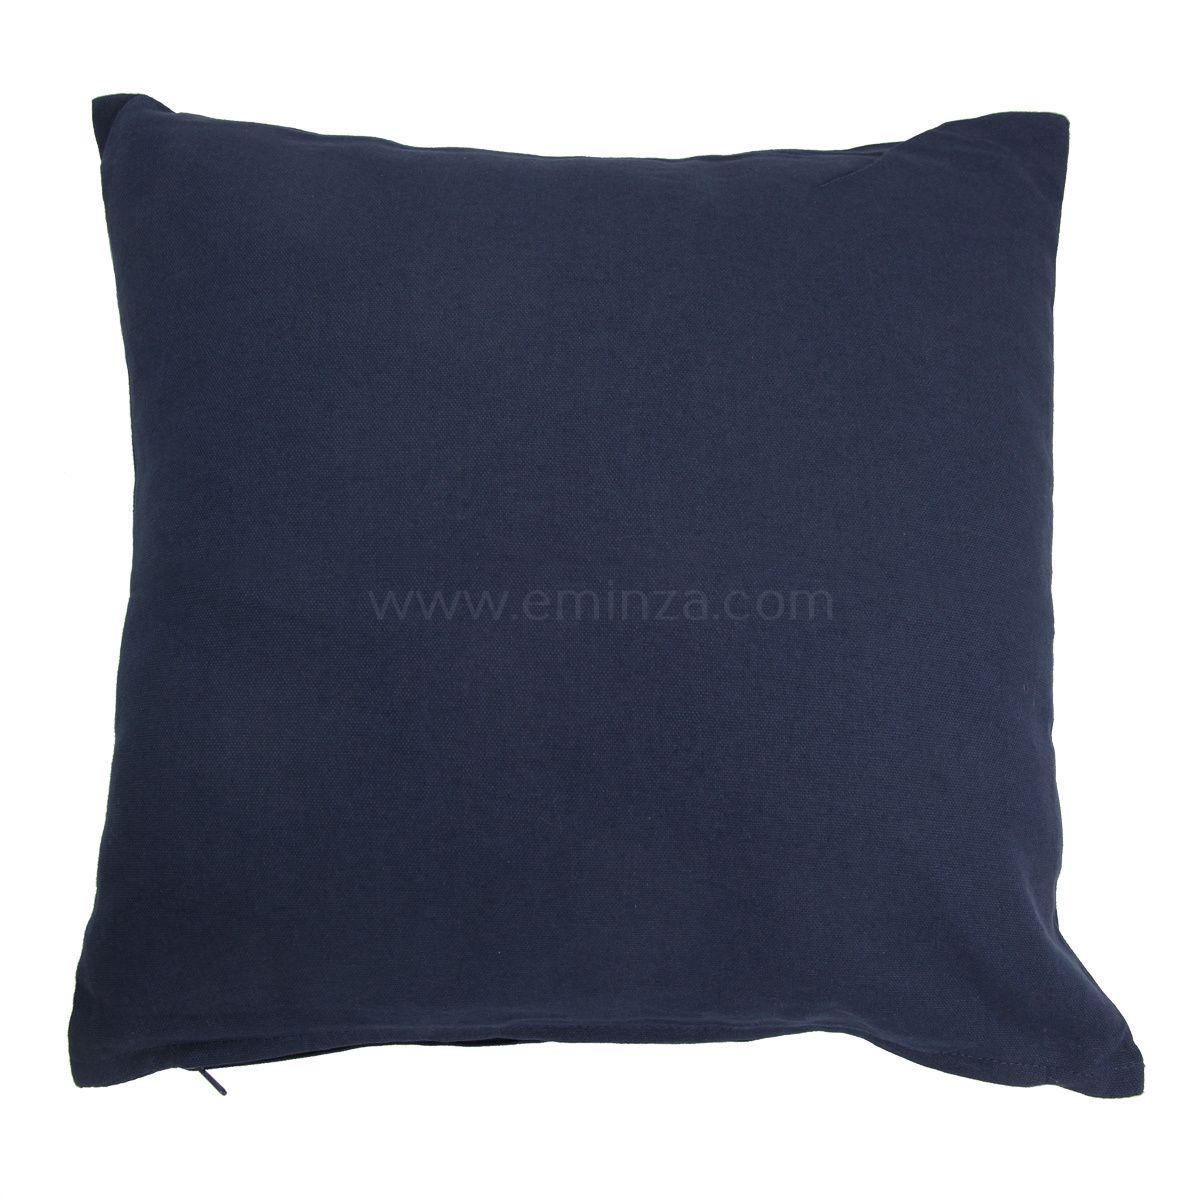 Coussin Bleu Marine : coussin 40 cm etna bleu marine coussin eminza ~ Teatrodelosmanantiales.com Idées de Décoration